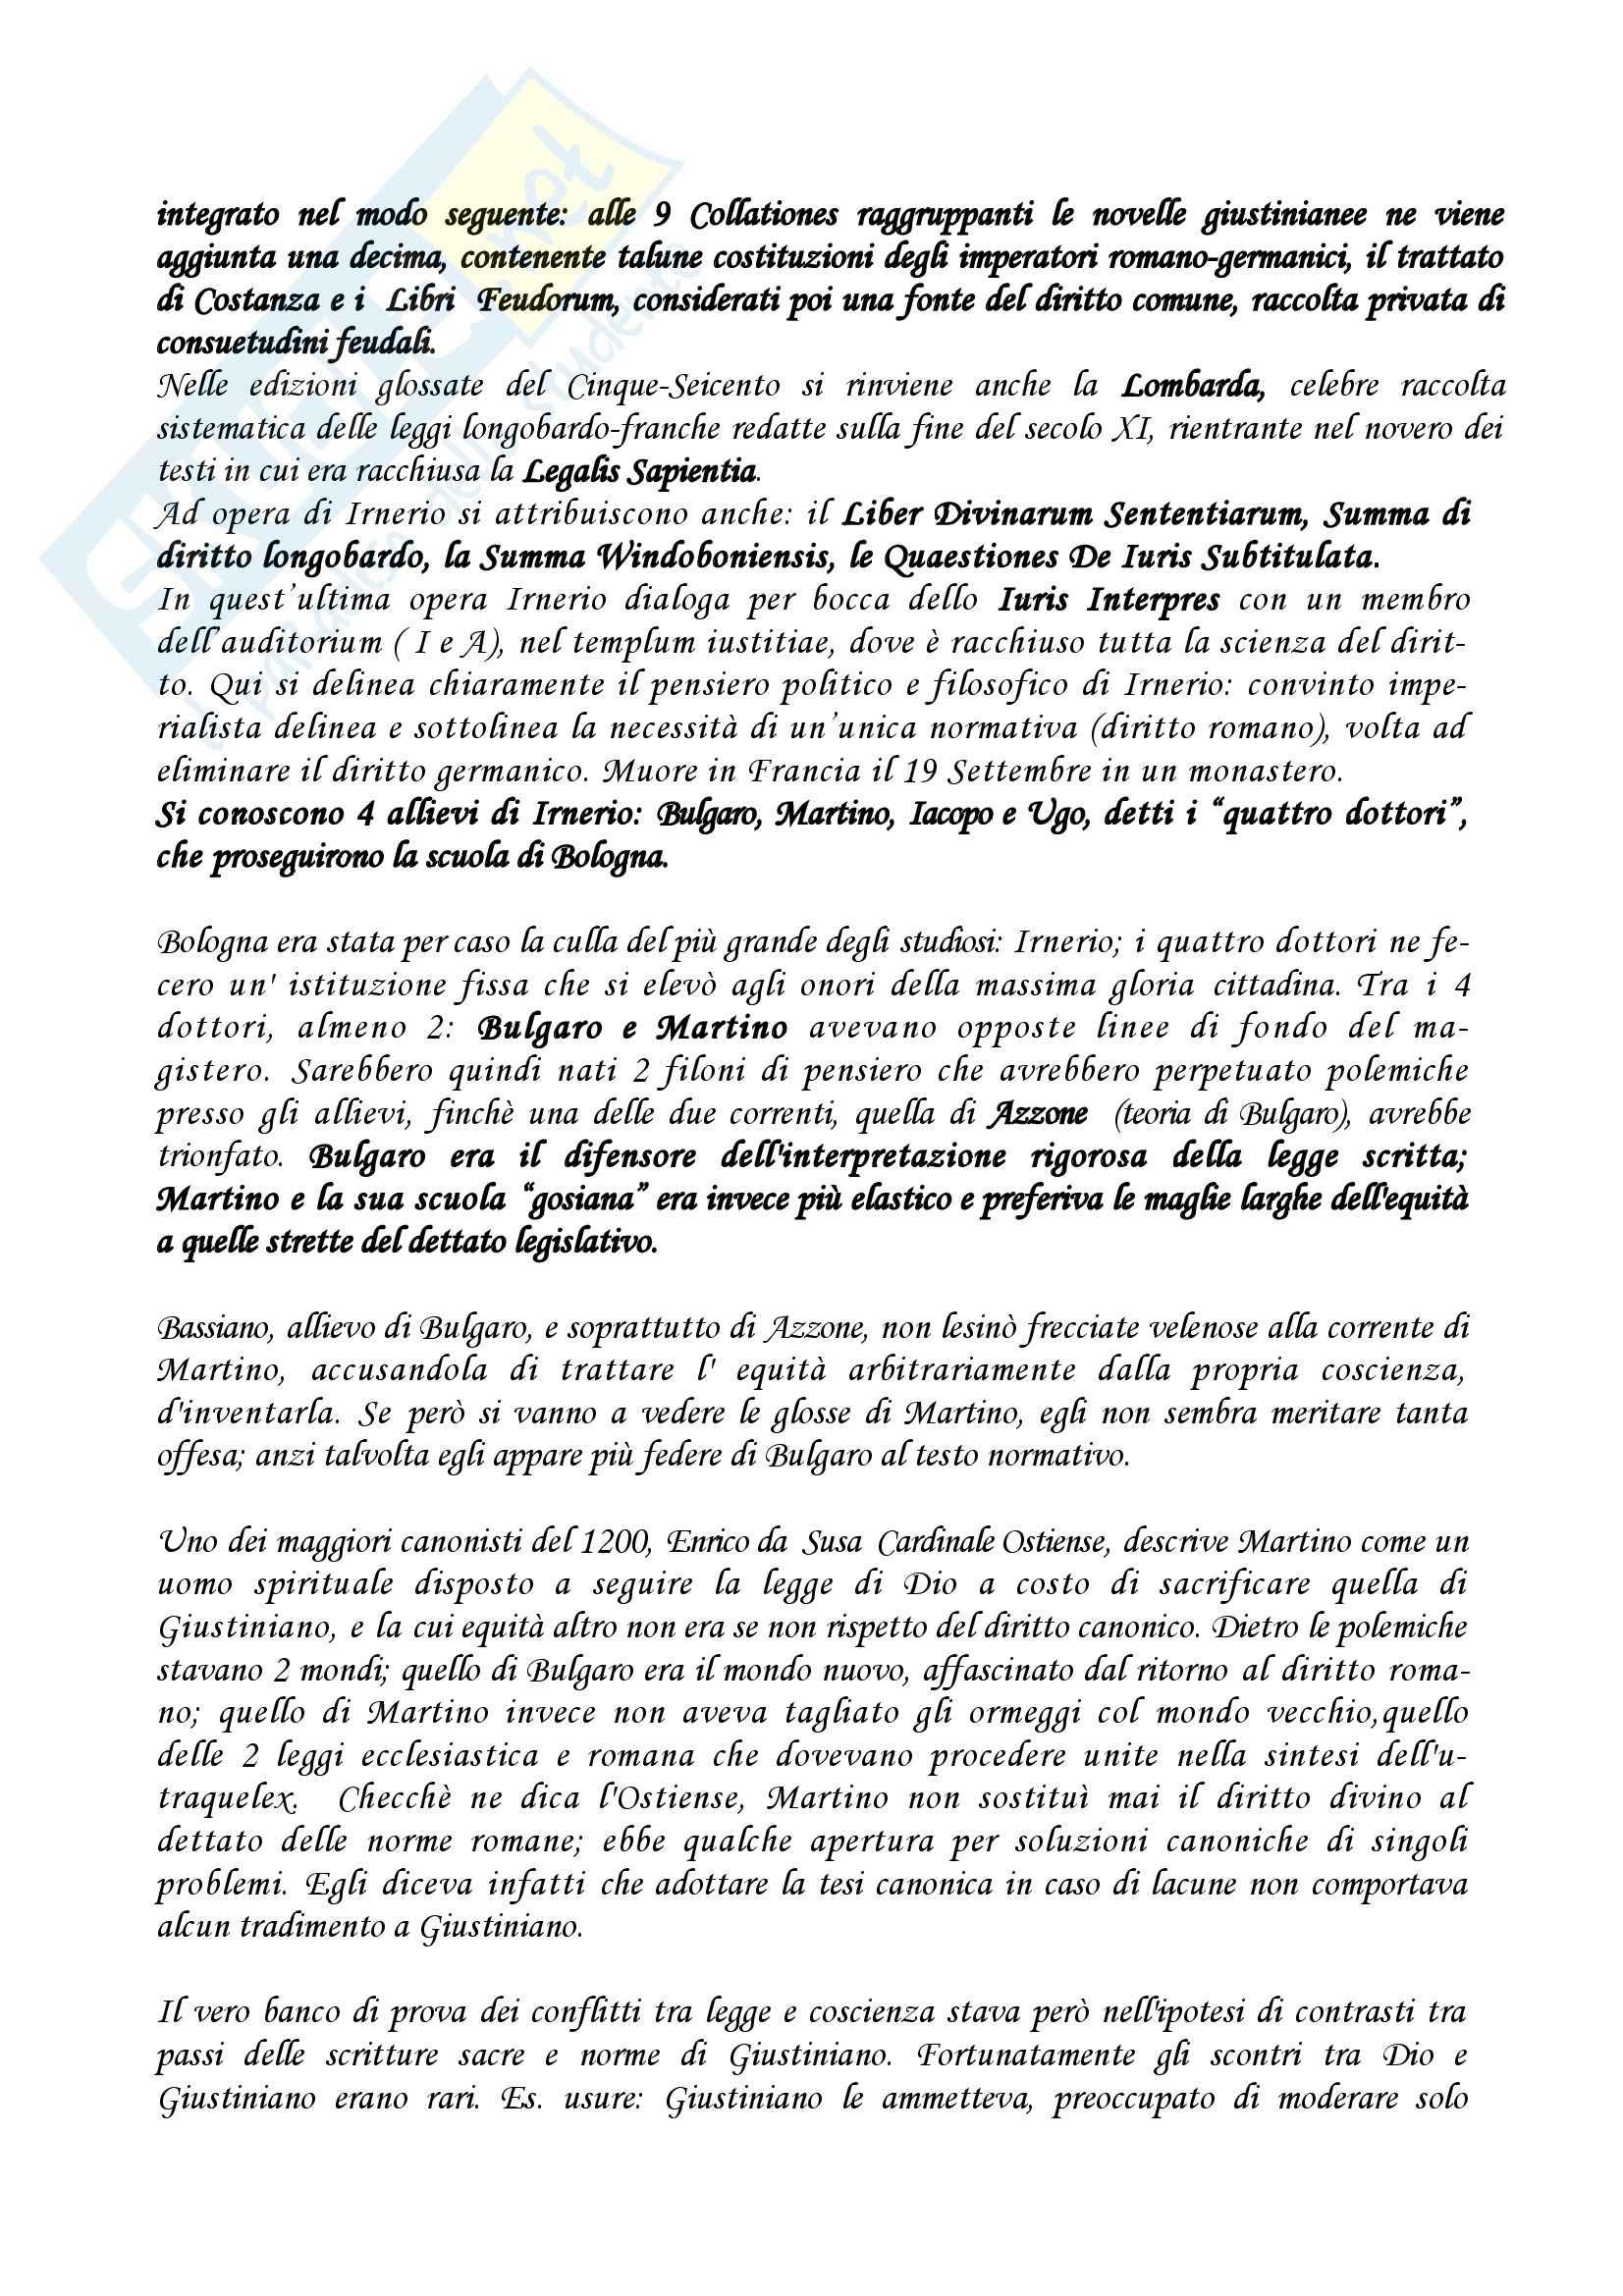 Storia del diritto medievale e moderno - Appunti Pag. 16